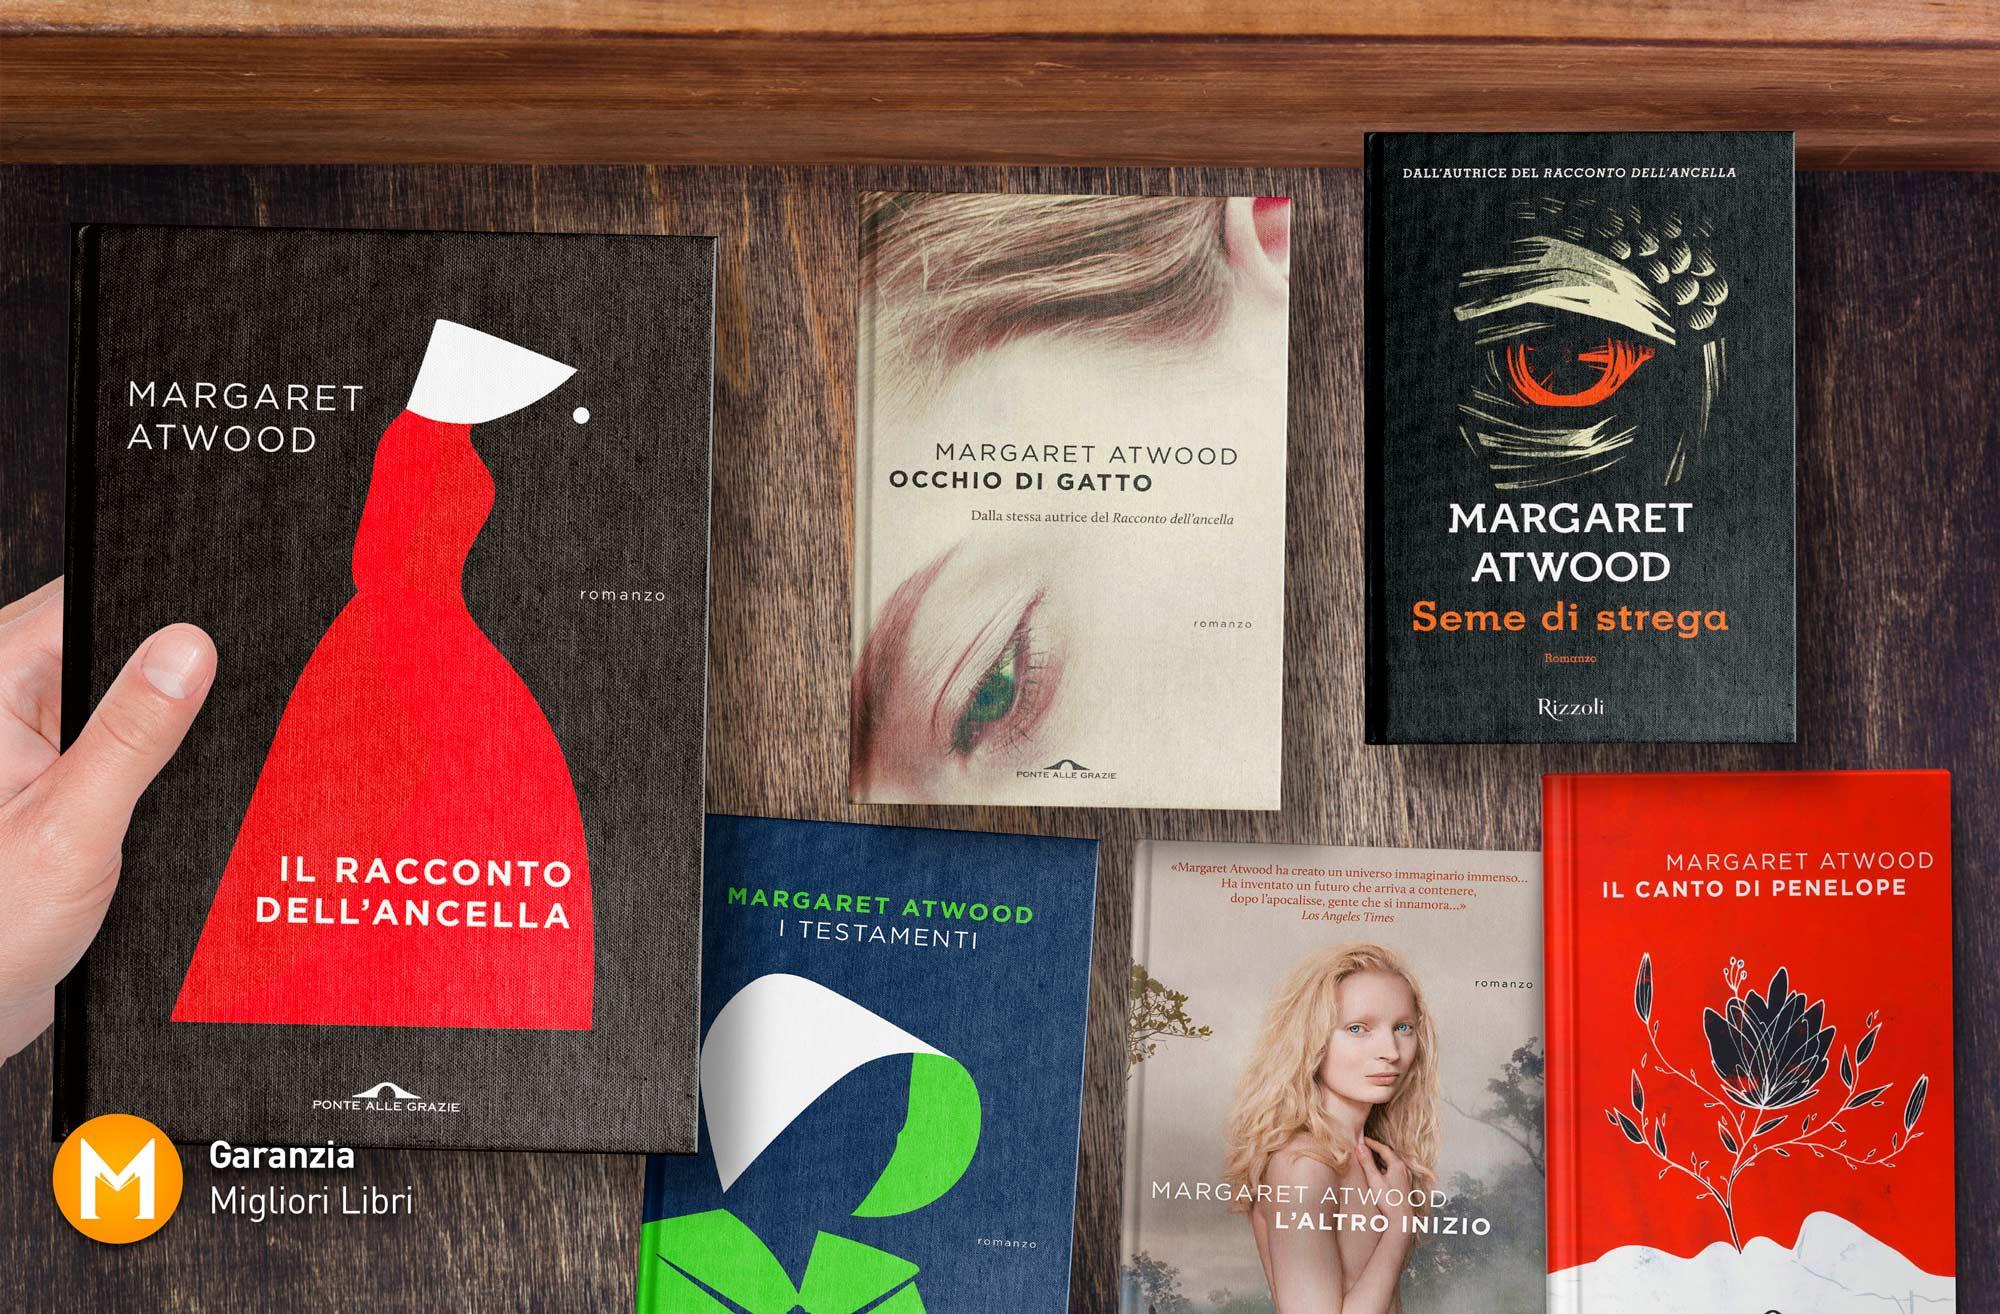 migliori-libri-margaret-atwood